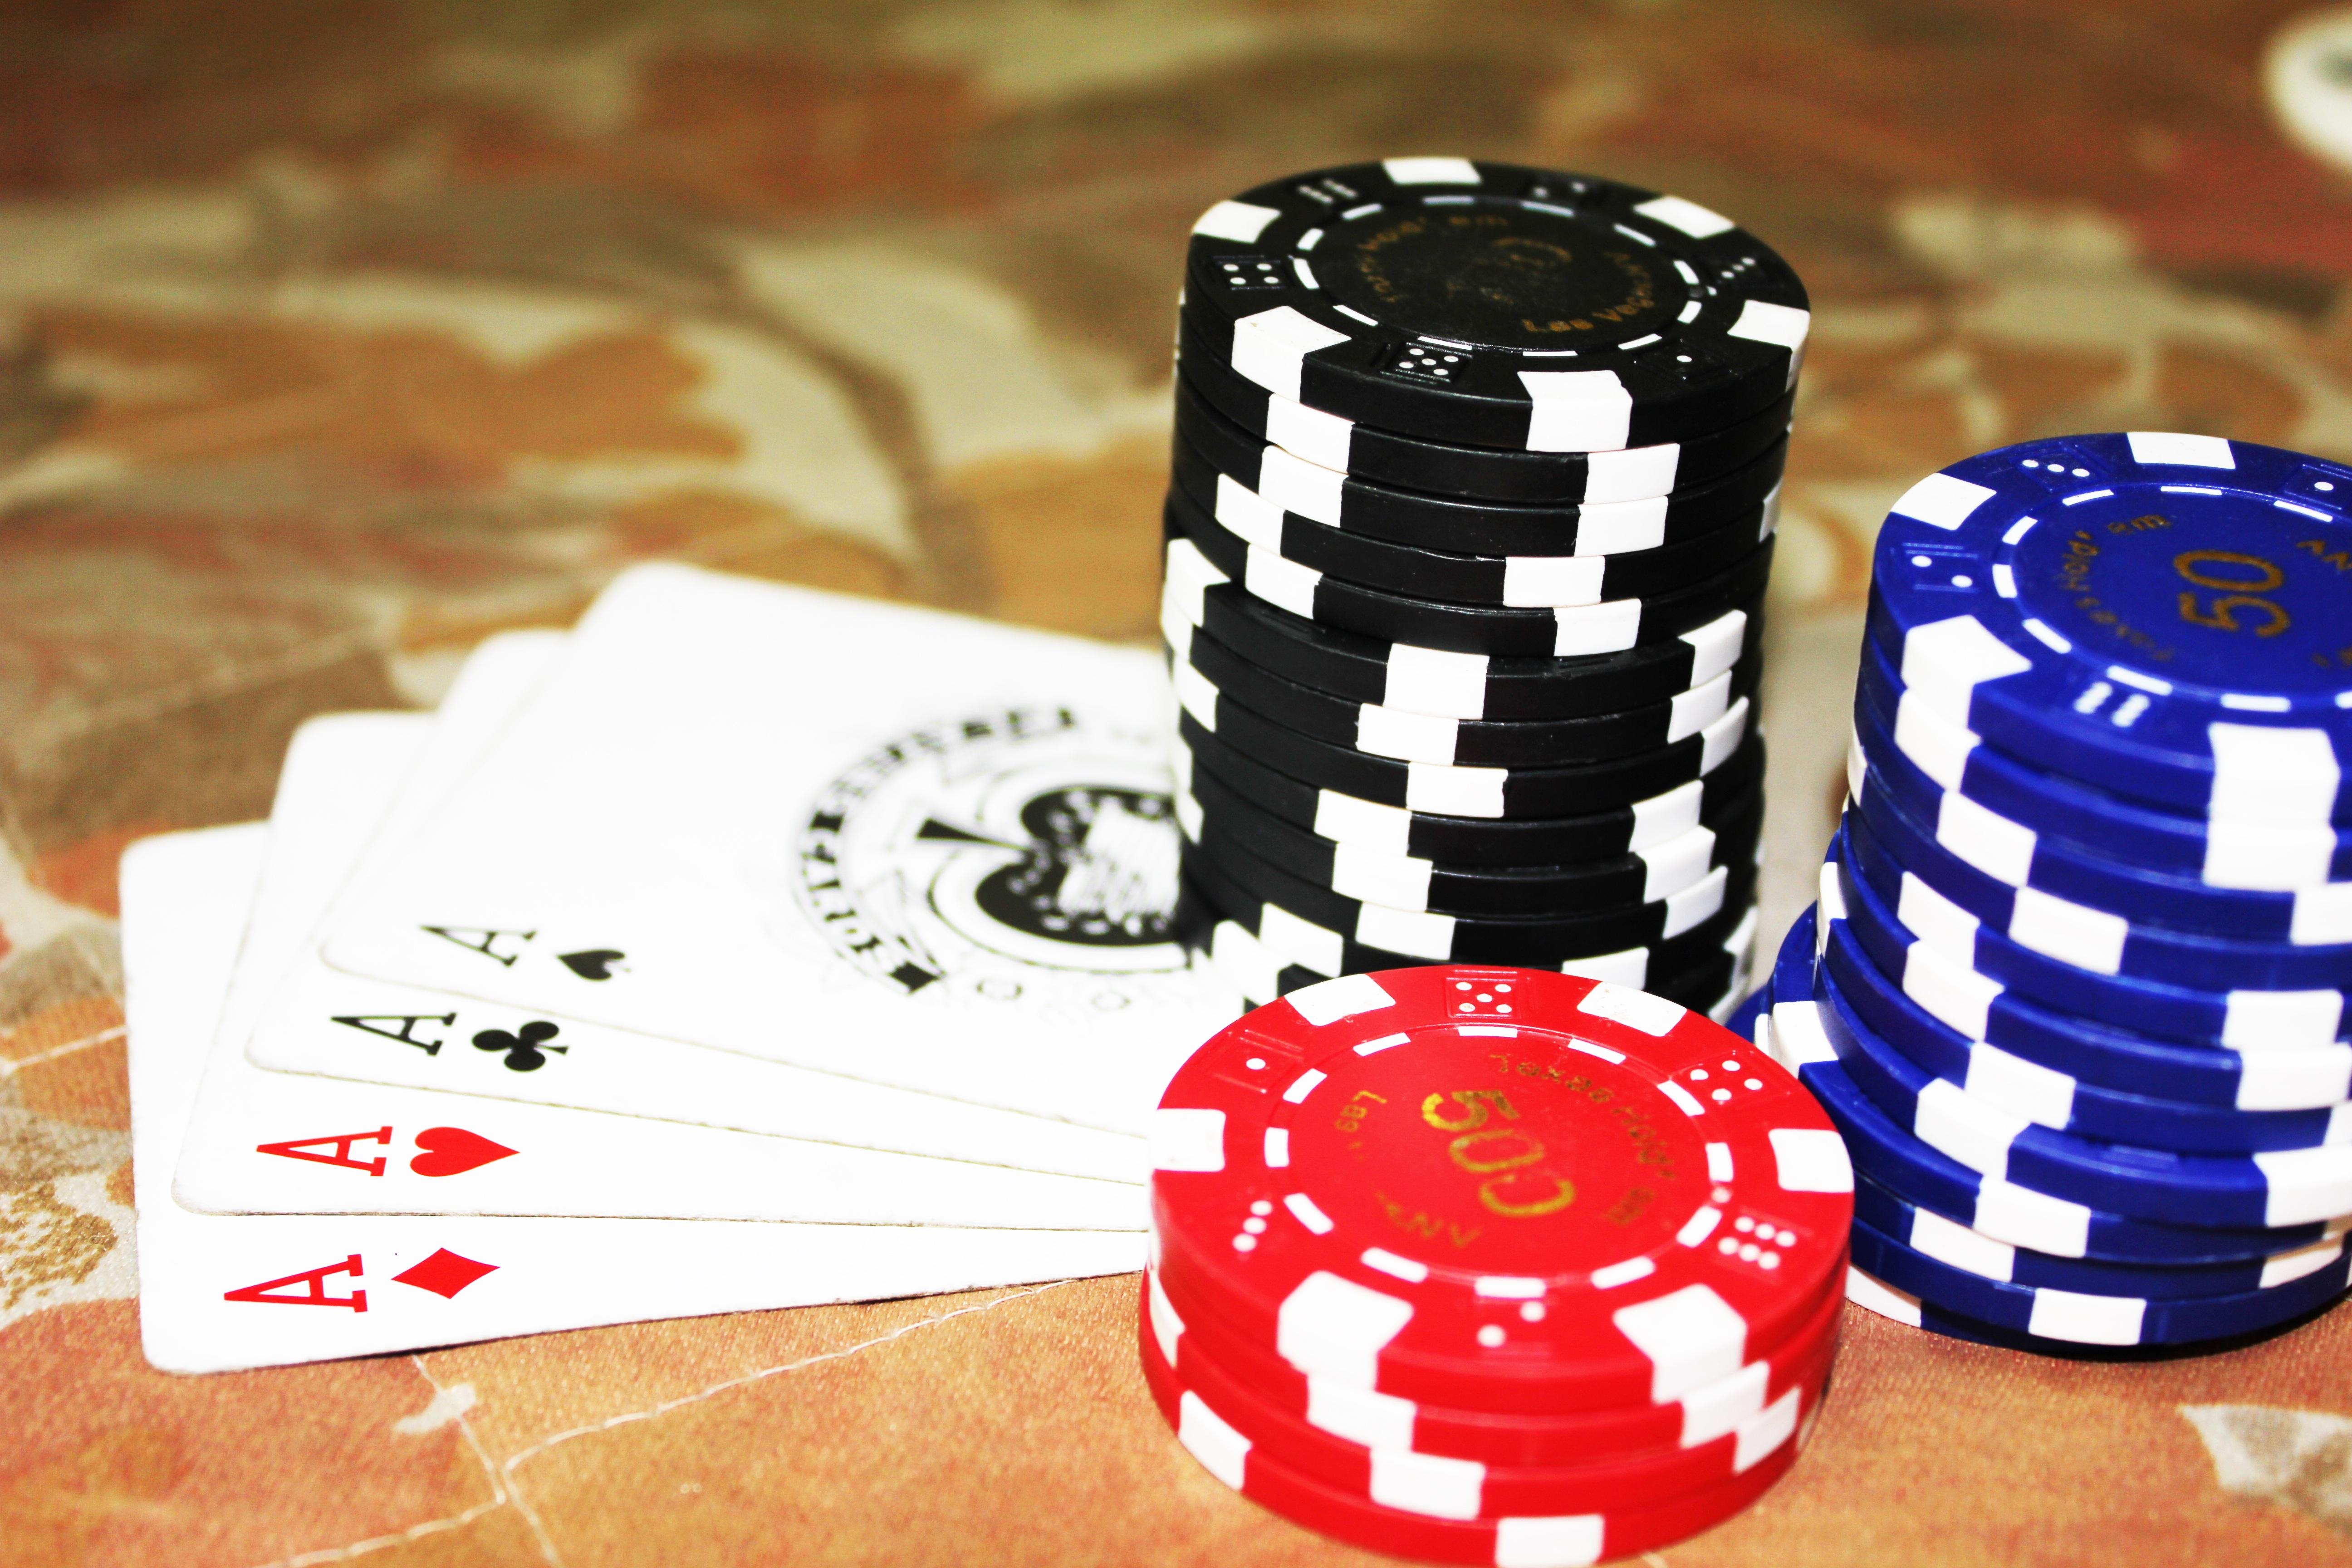 Азартные игры в карты скачать бесплатно выиграть в игровые автоматы во сне